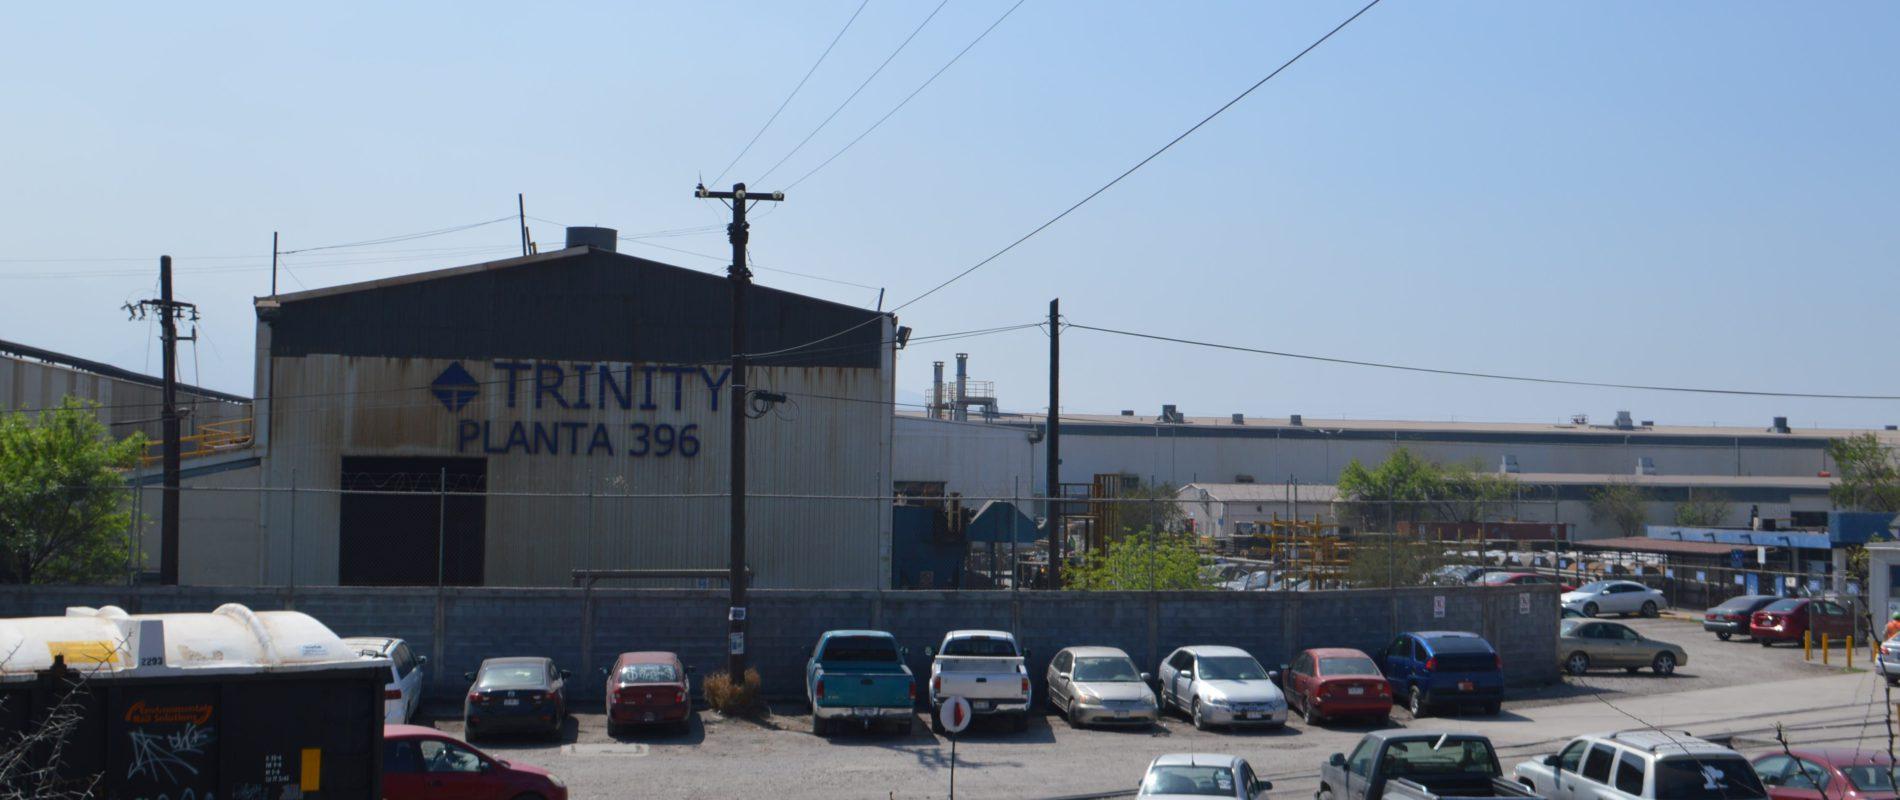 Abre Trinity su bolsa de trabajo en Monclova; recontratará más de 150 soldadores